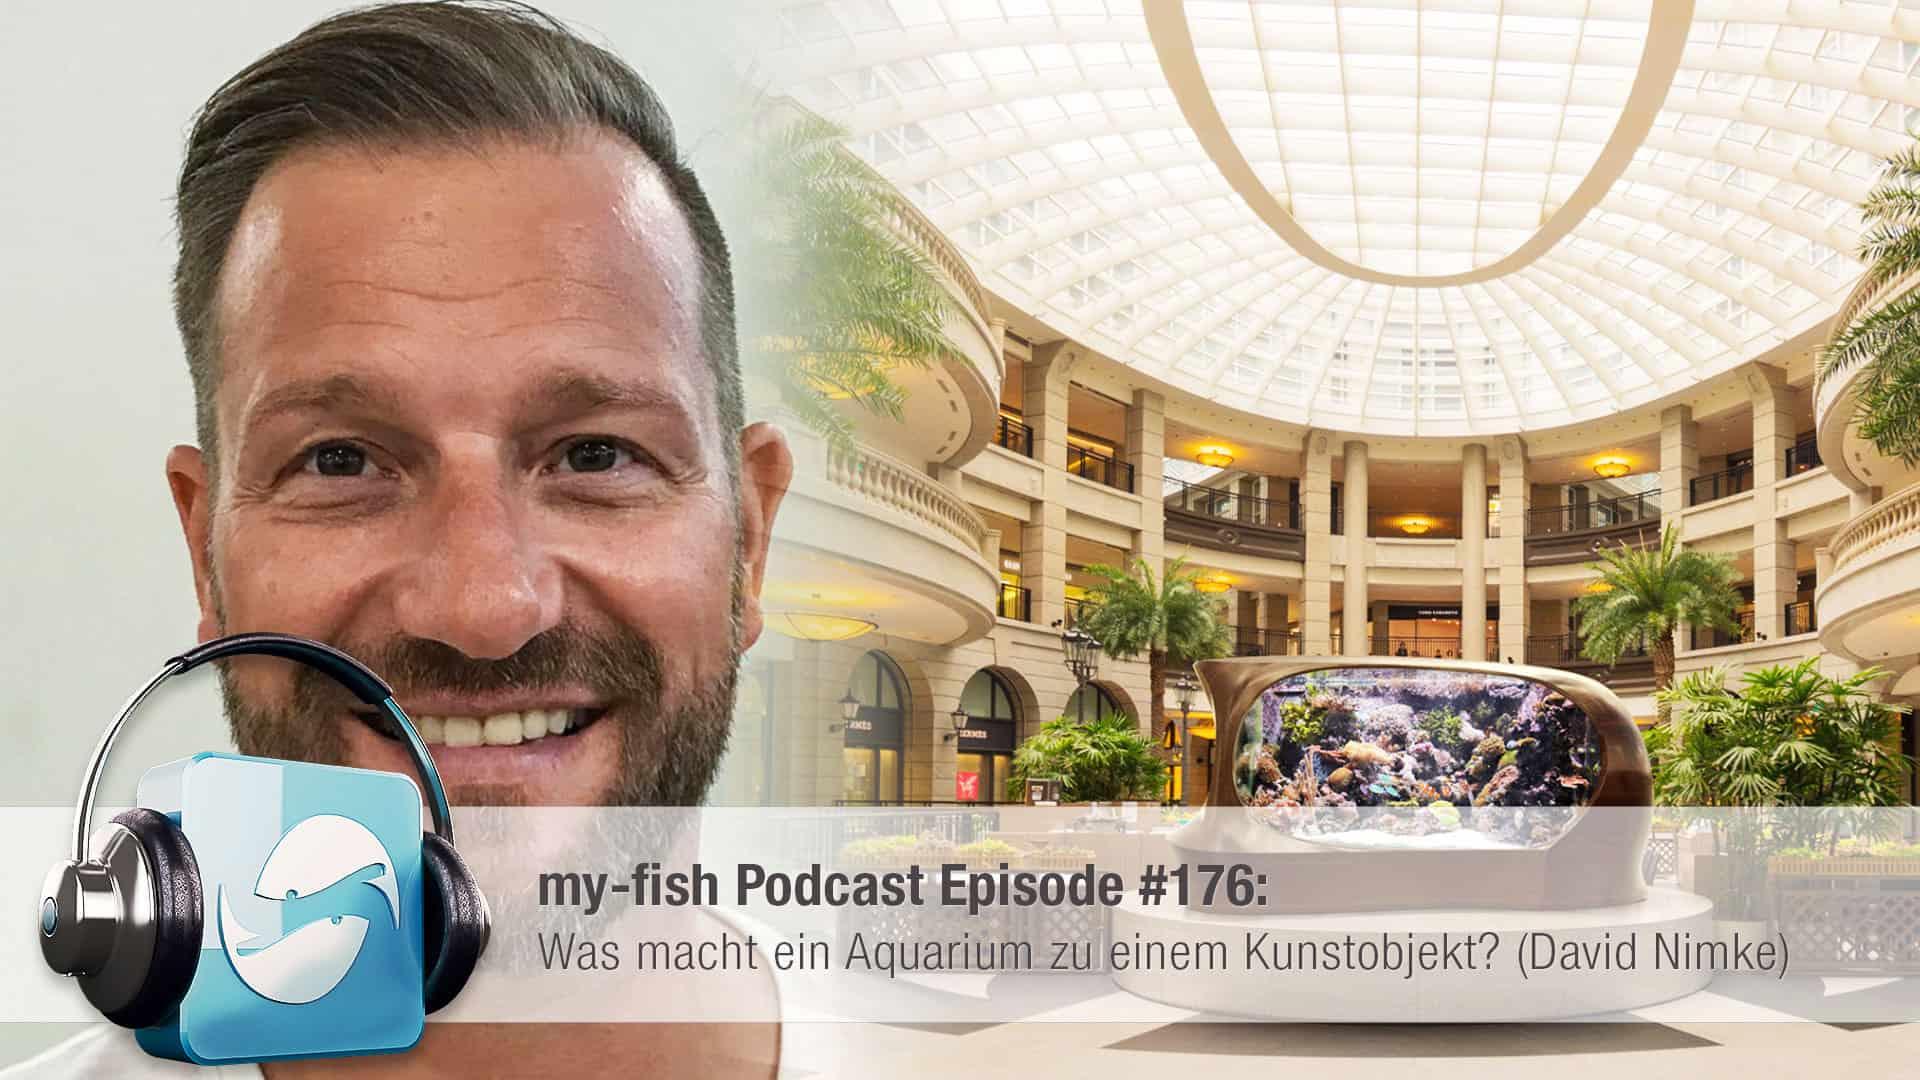 Podcast Episode #176: Was macht ein Aquarium zu einem Kunstobjekt? (David Nimke) 1